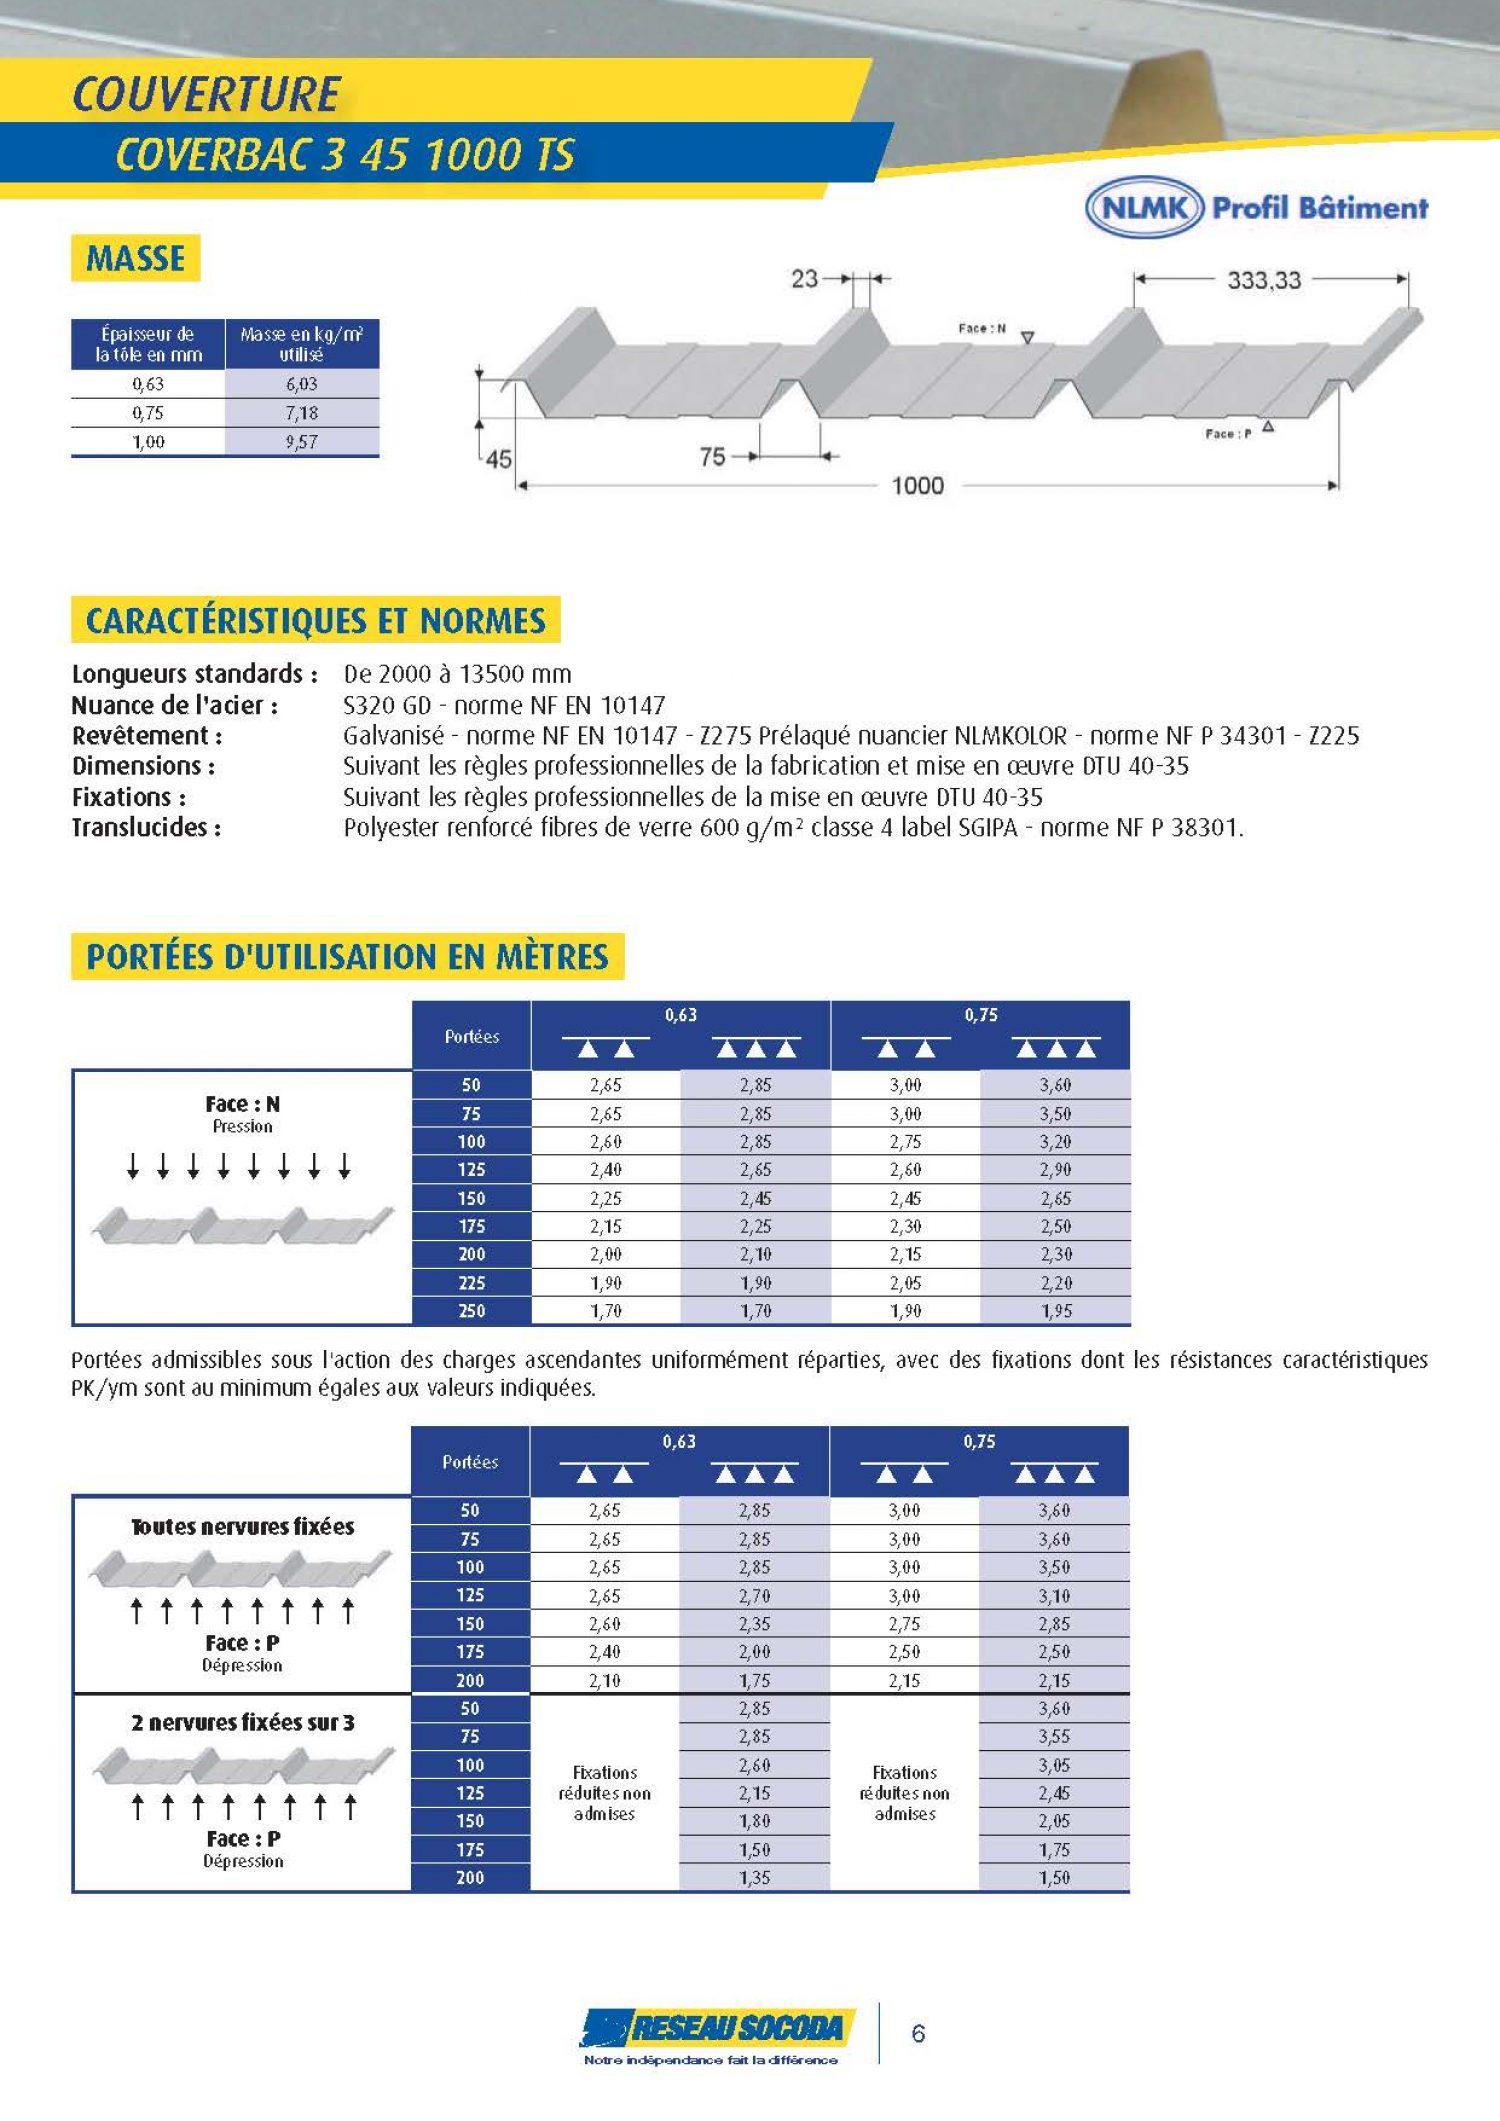 GERMOND_2014 PROFIL BATIMENT_20140324-184231_Page_06